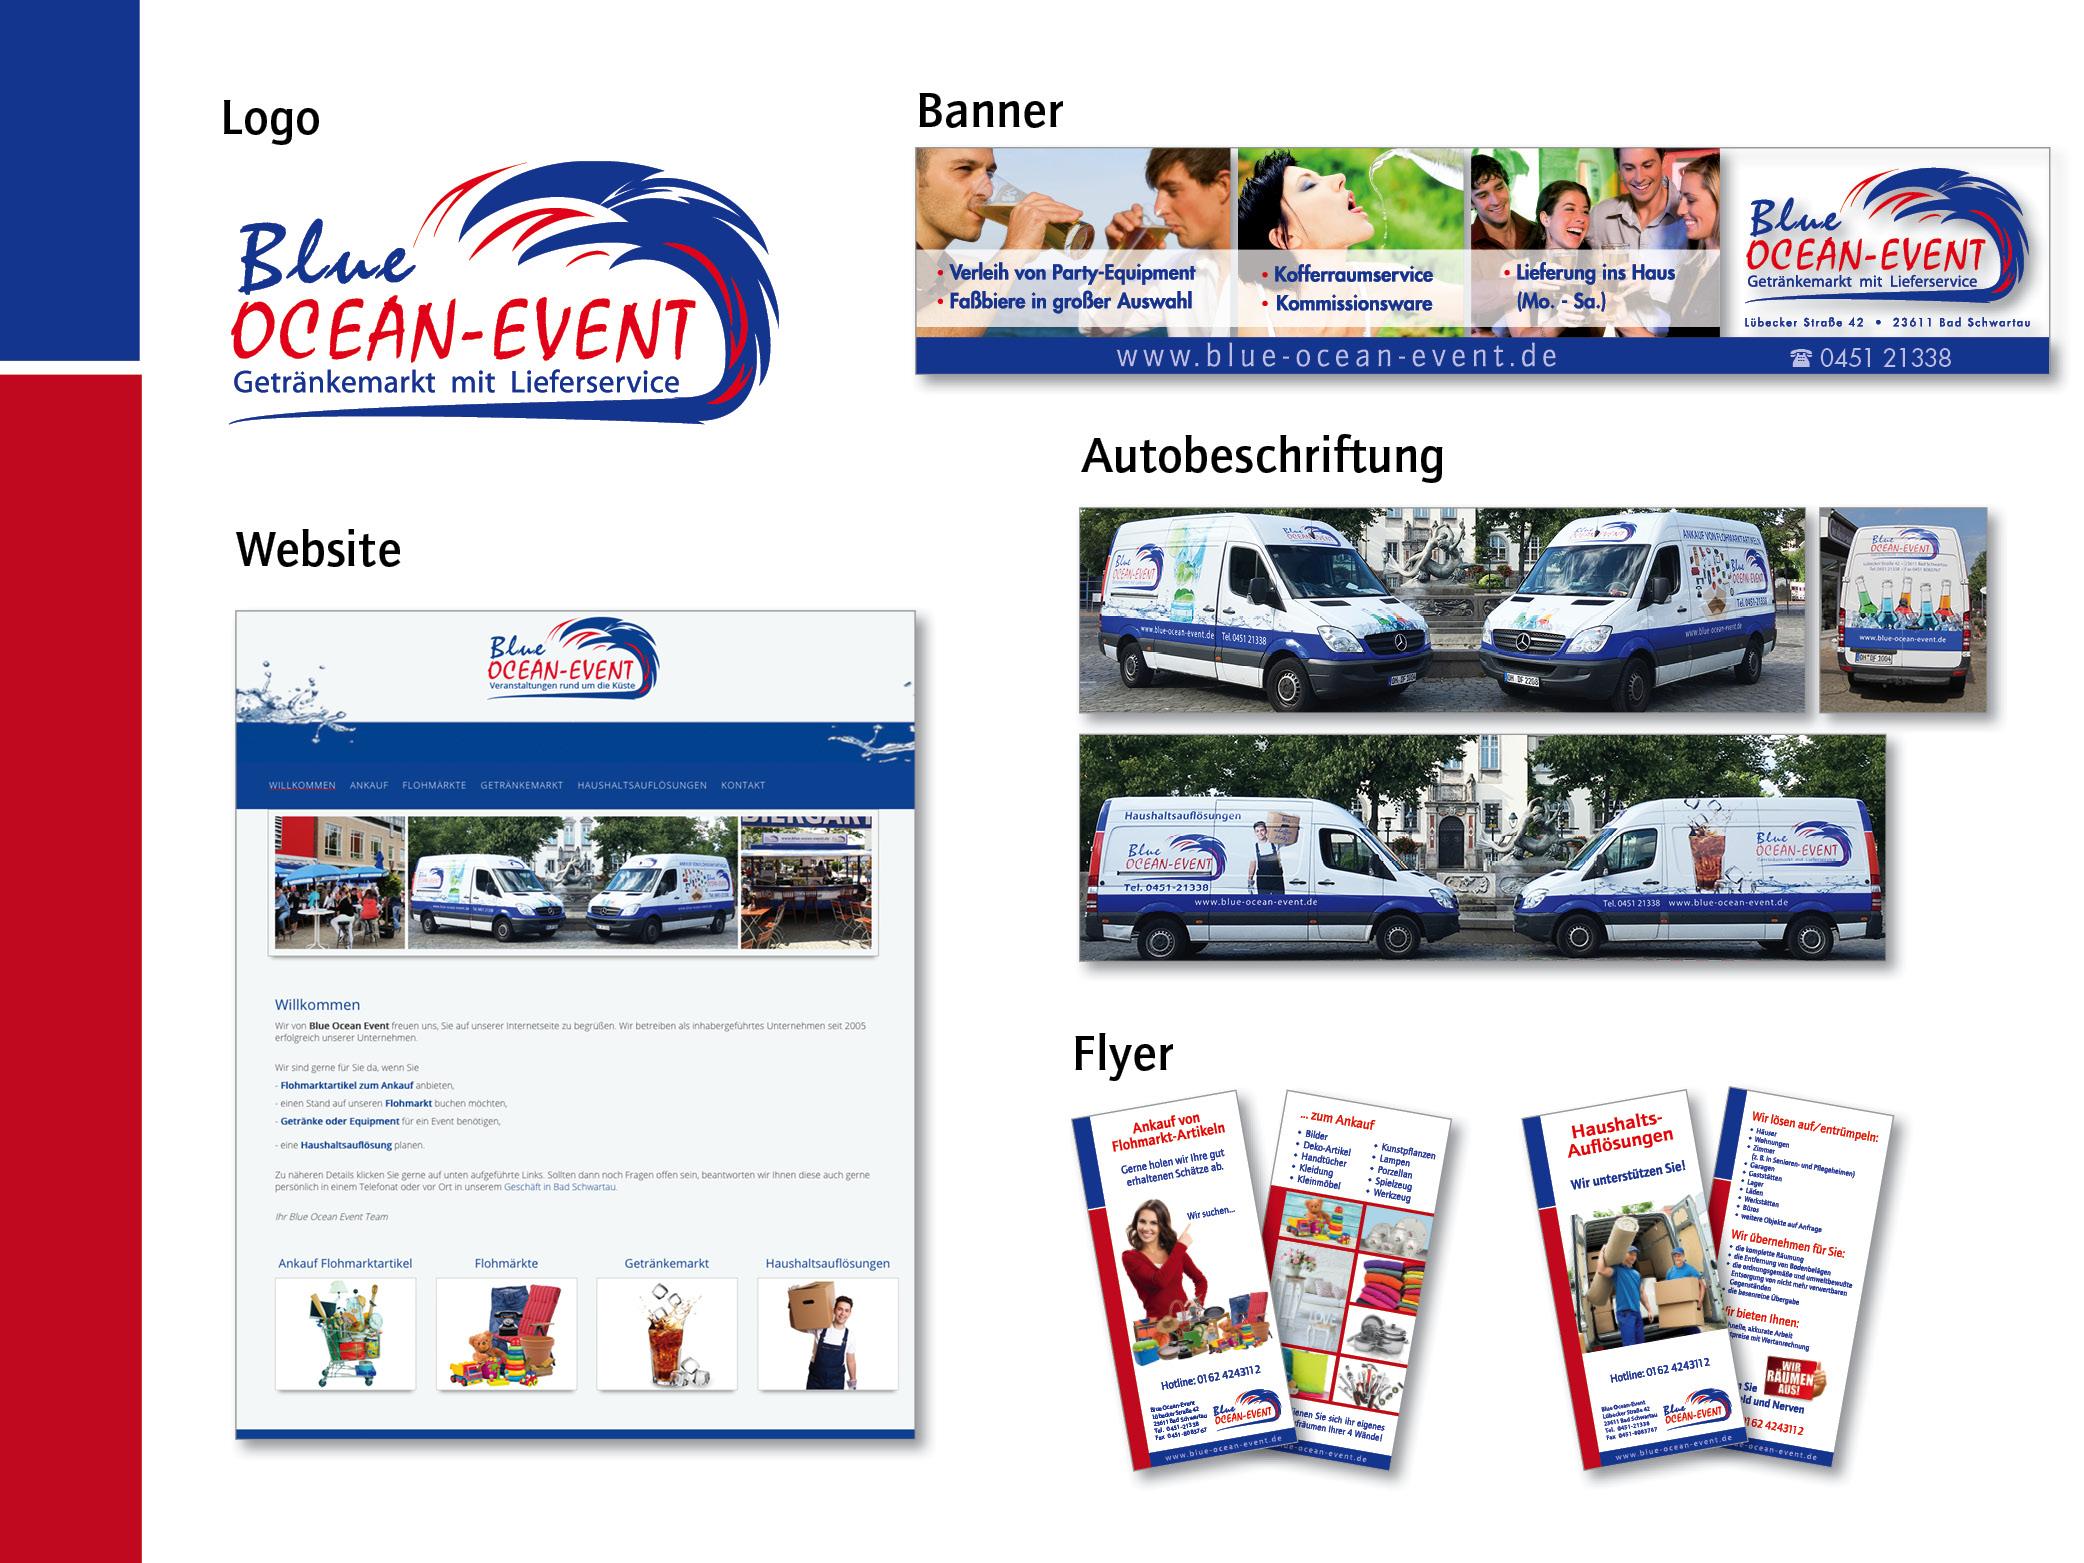 Logoentwicklung, Fahrzeugbeschriftung, Flyer